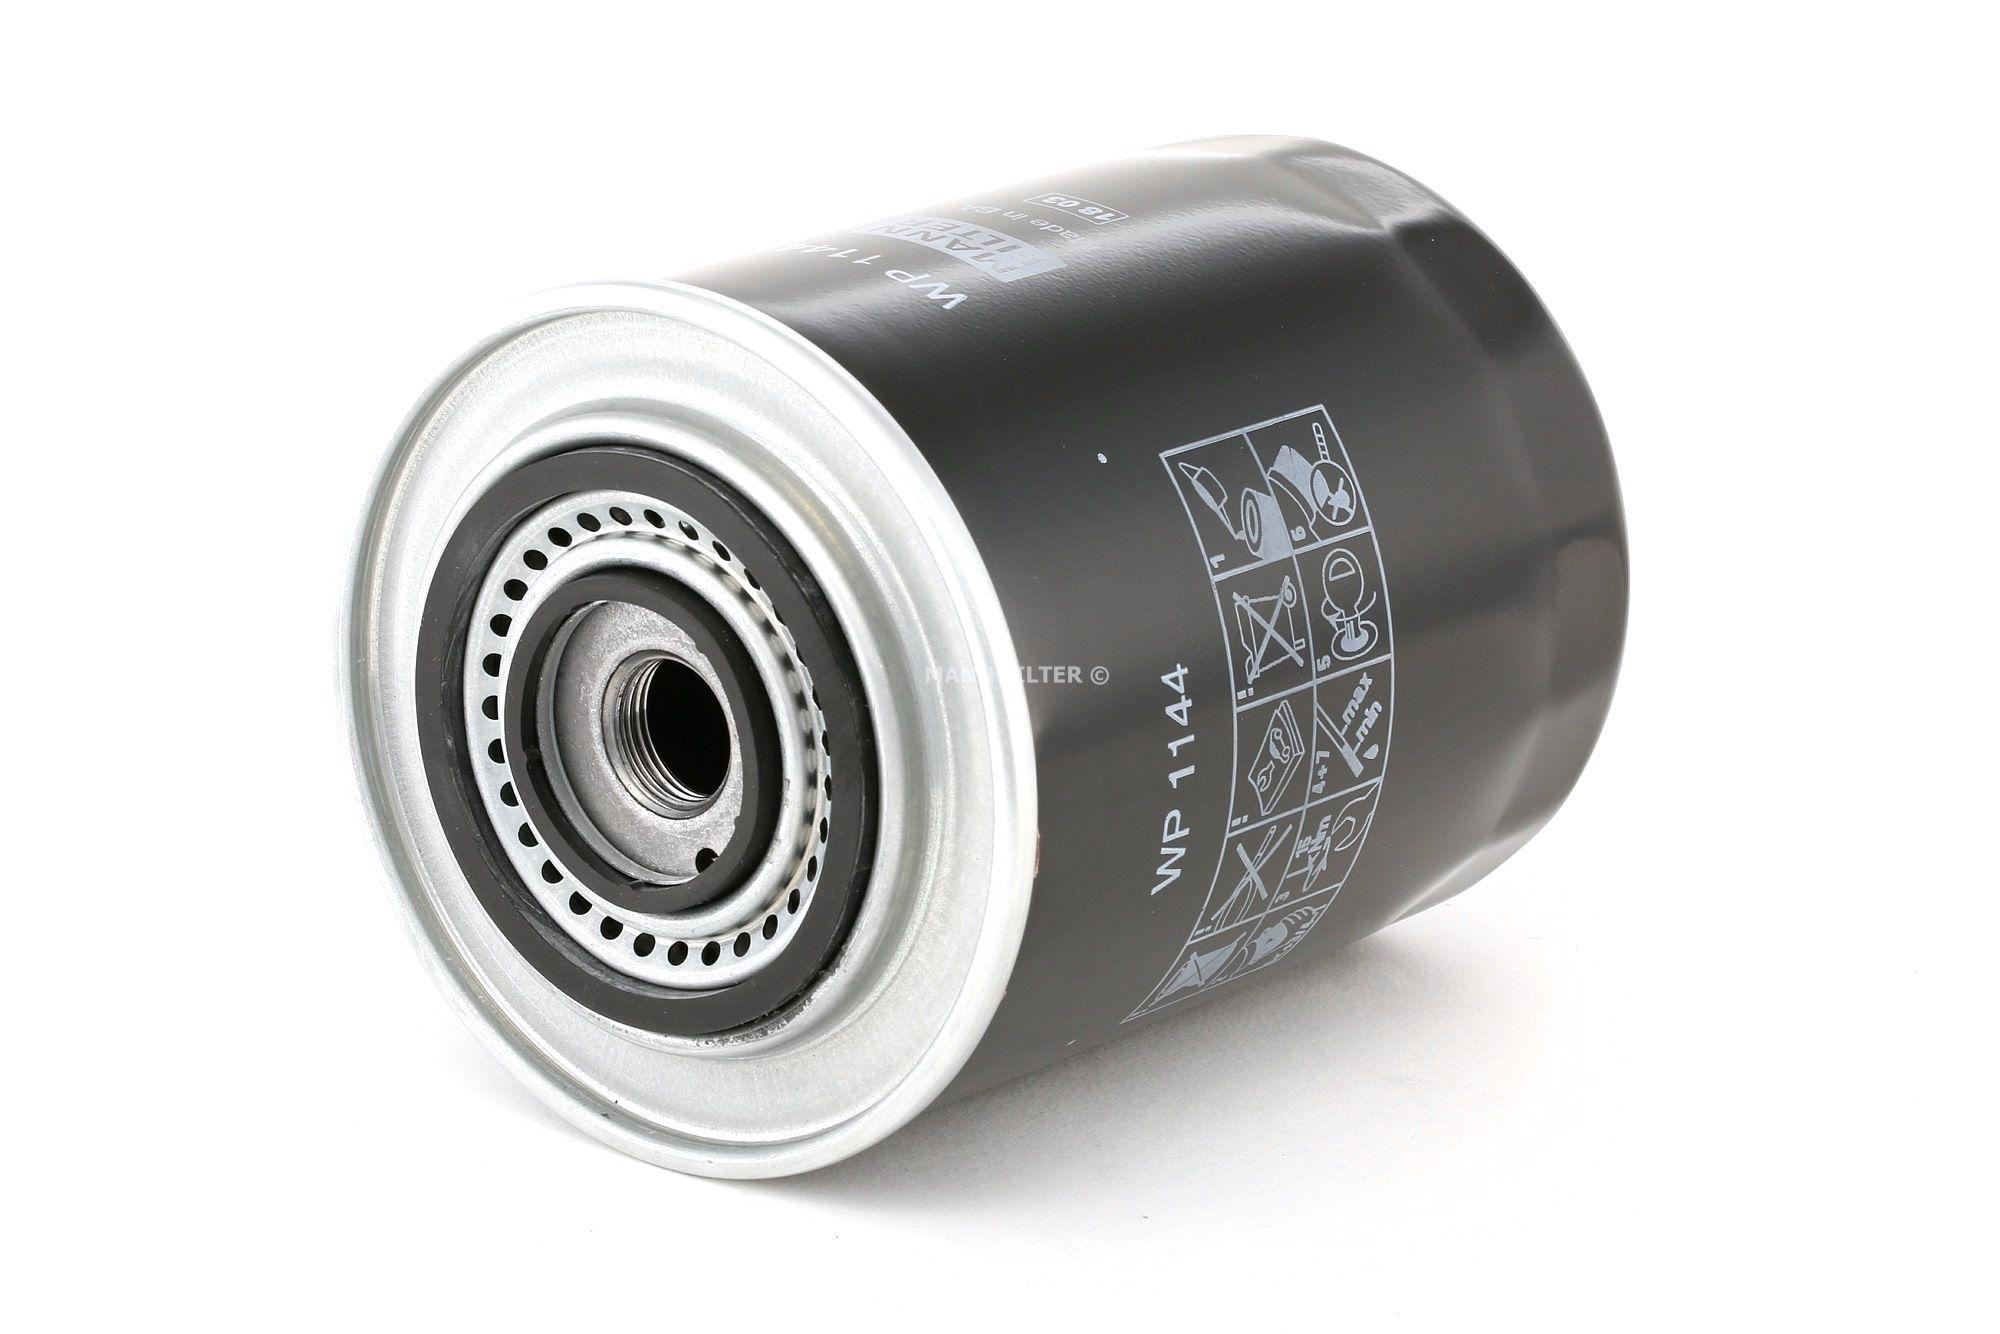 Oliefilter WP 1144 FIAT CROMA met een korting — koop nu!